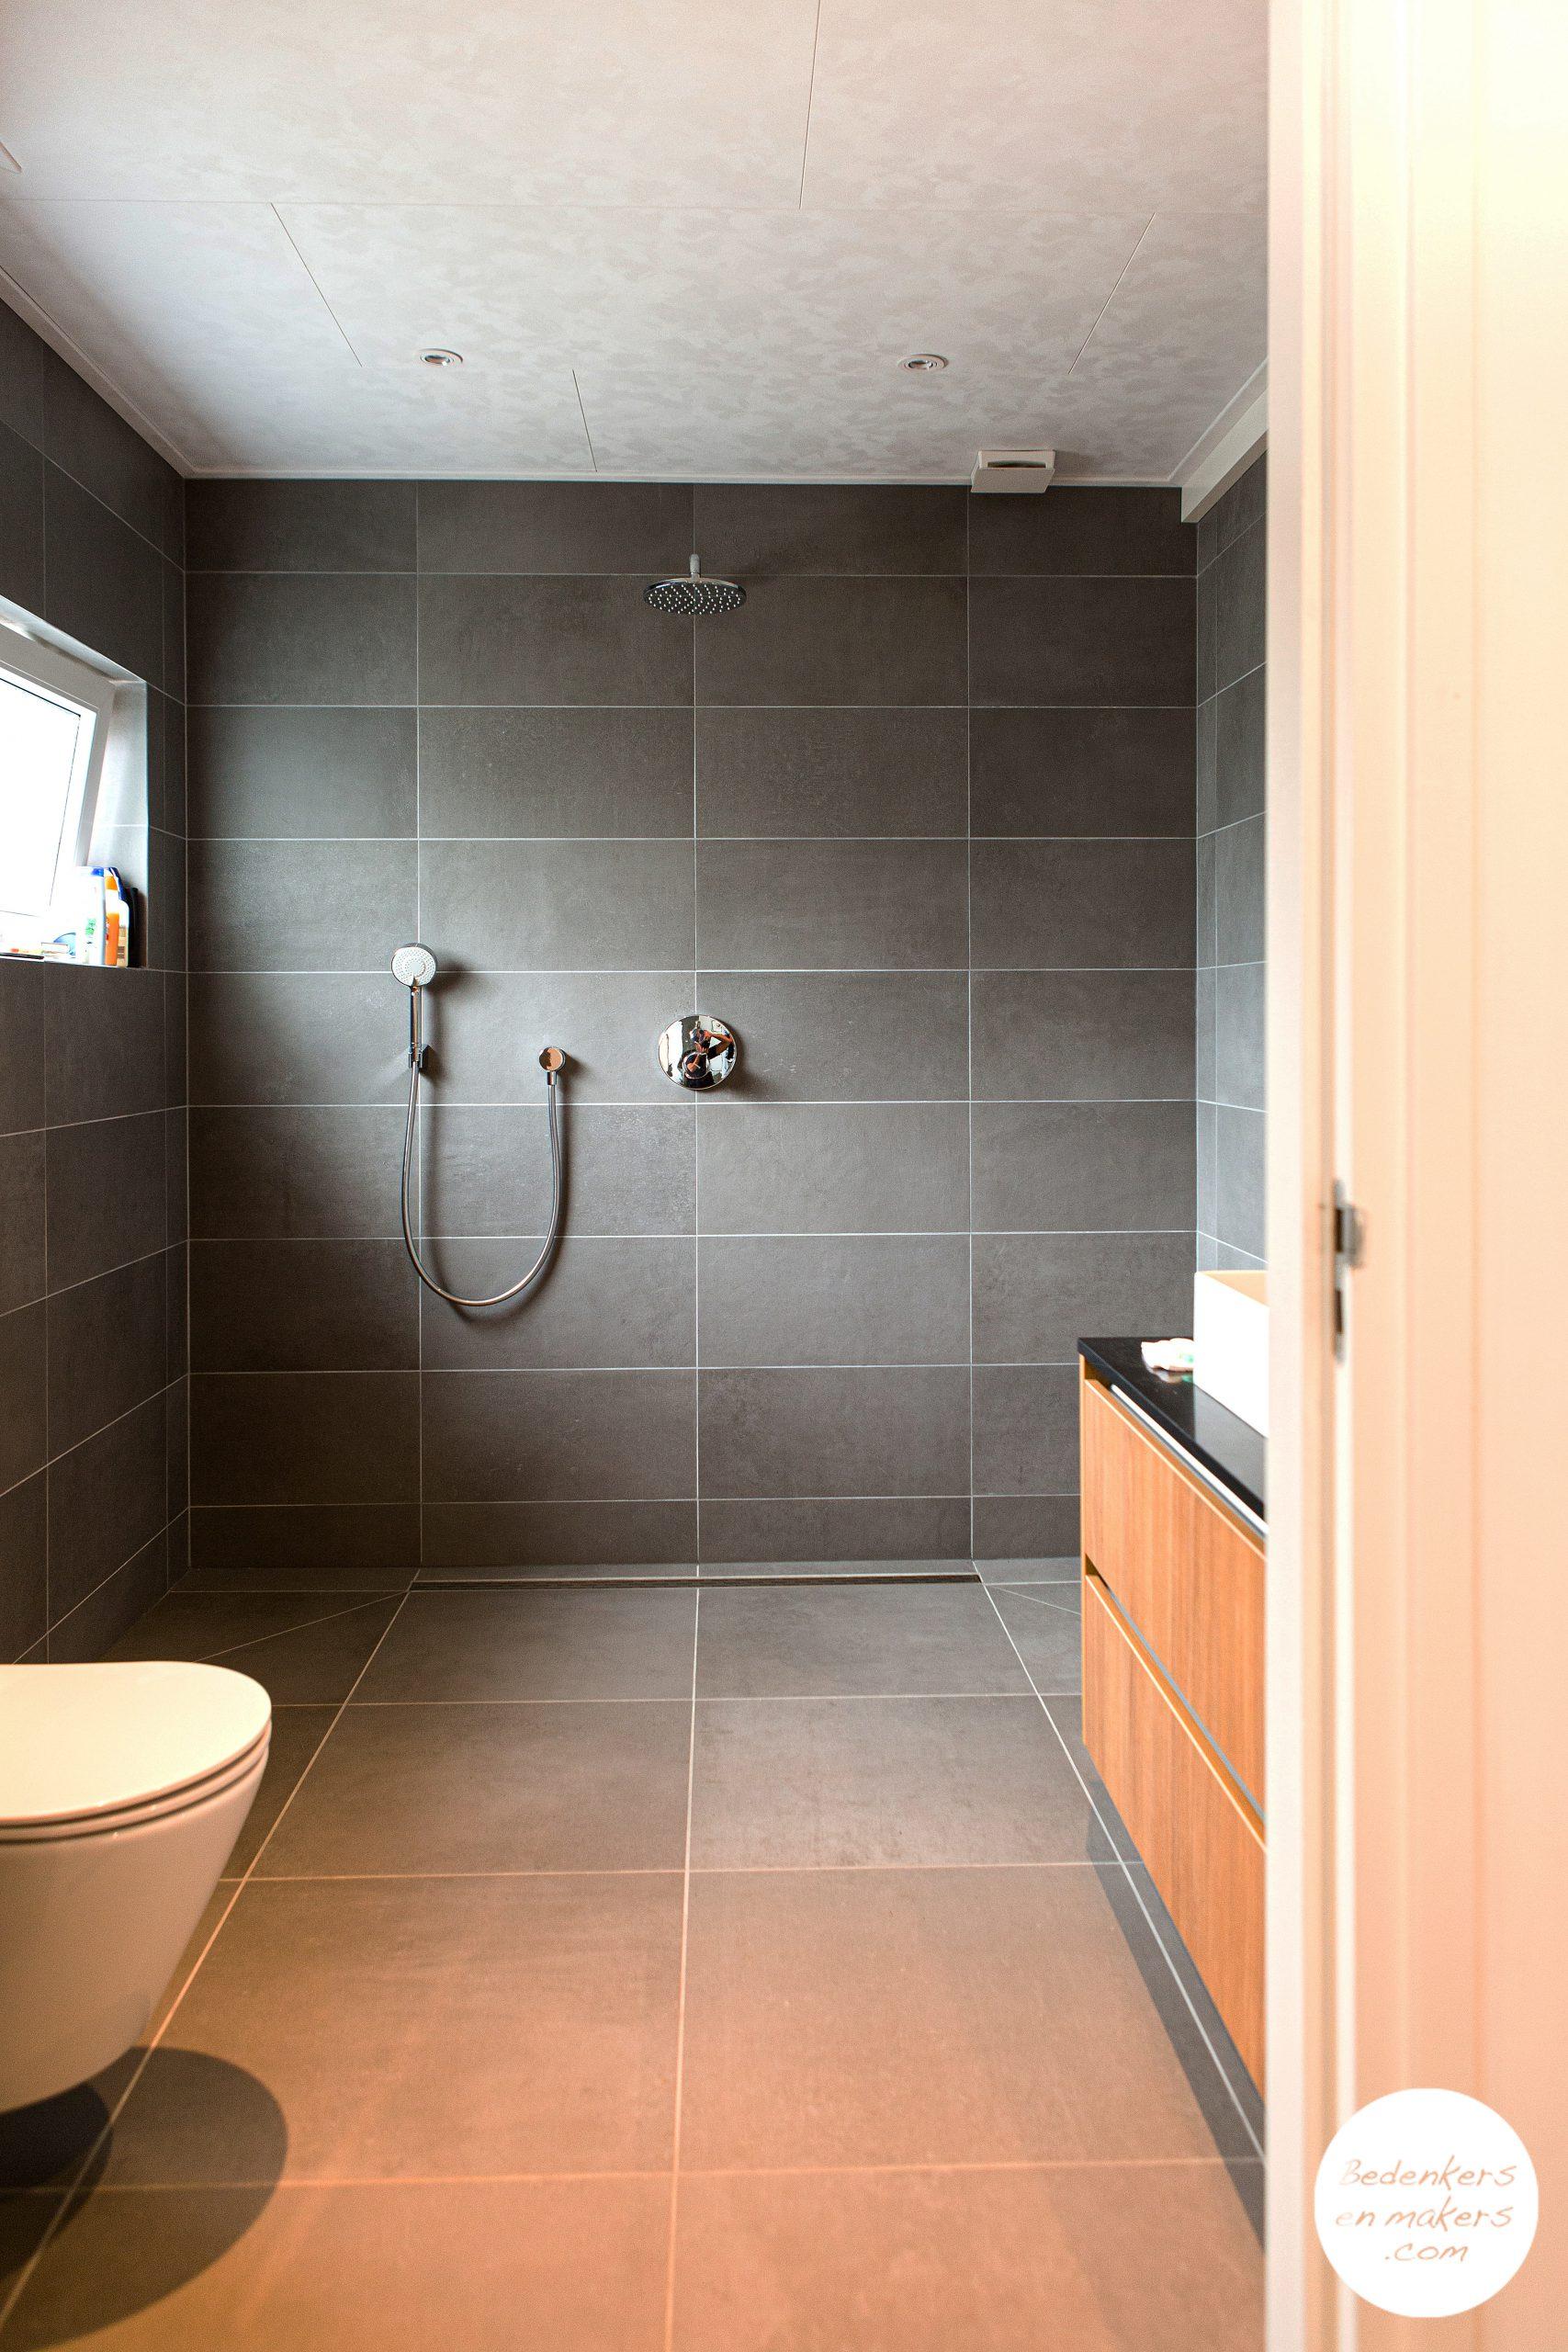 levensloopbestendig wonen gelijkvloers wonen en badkamer S20C172601